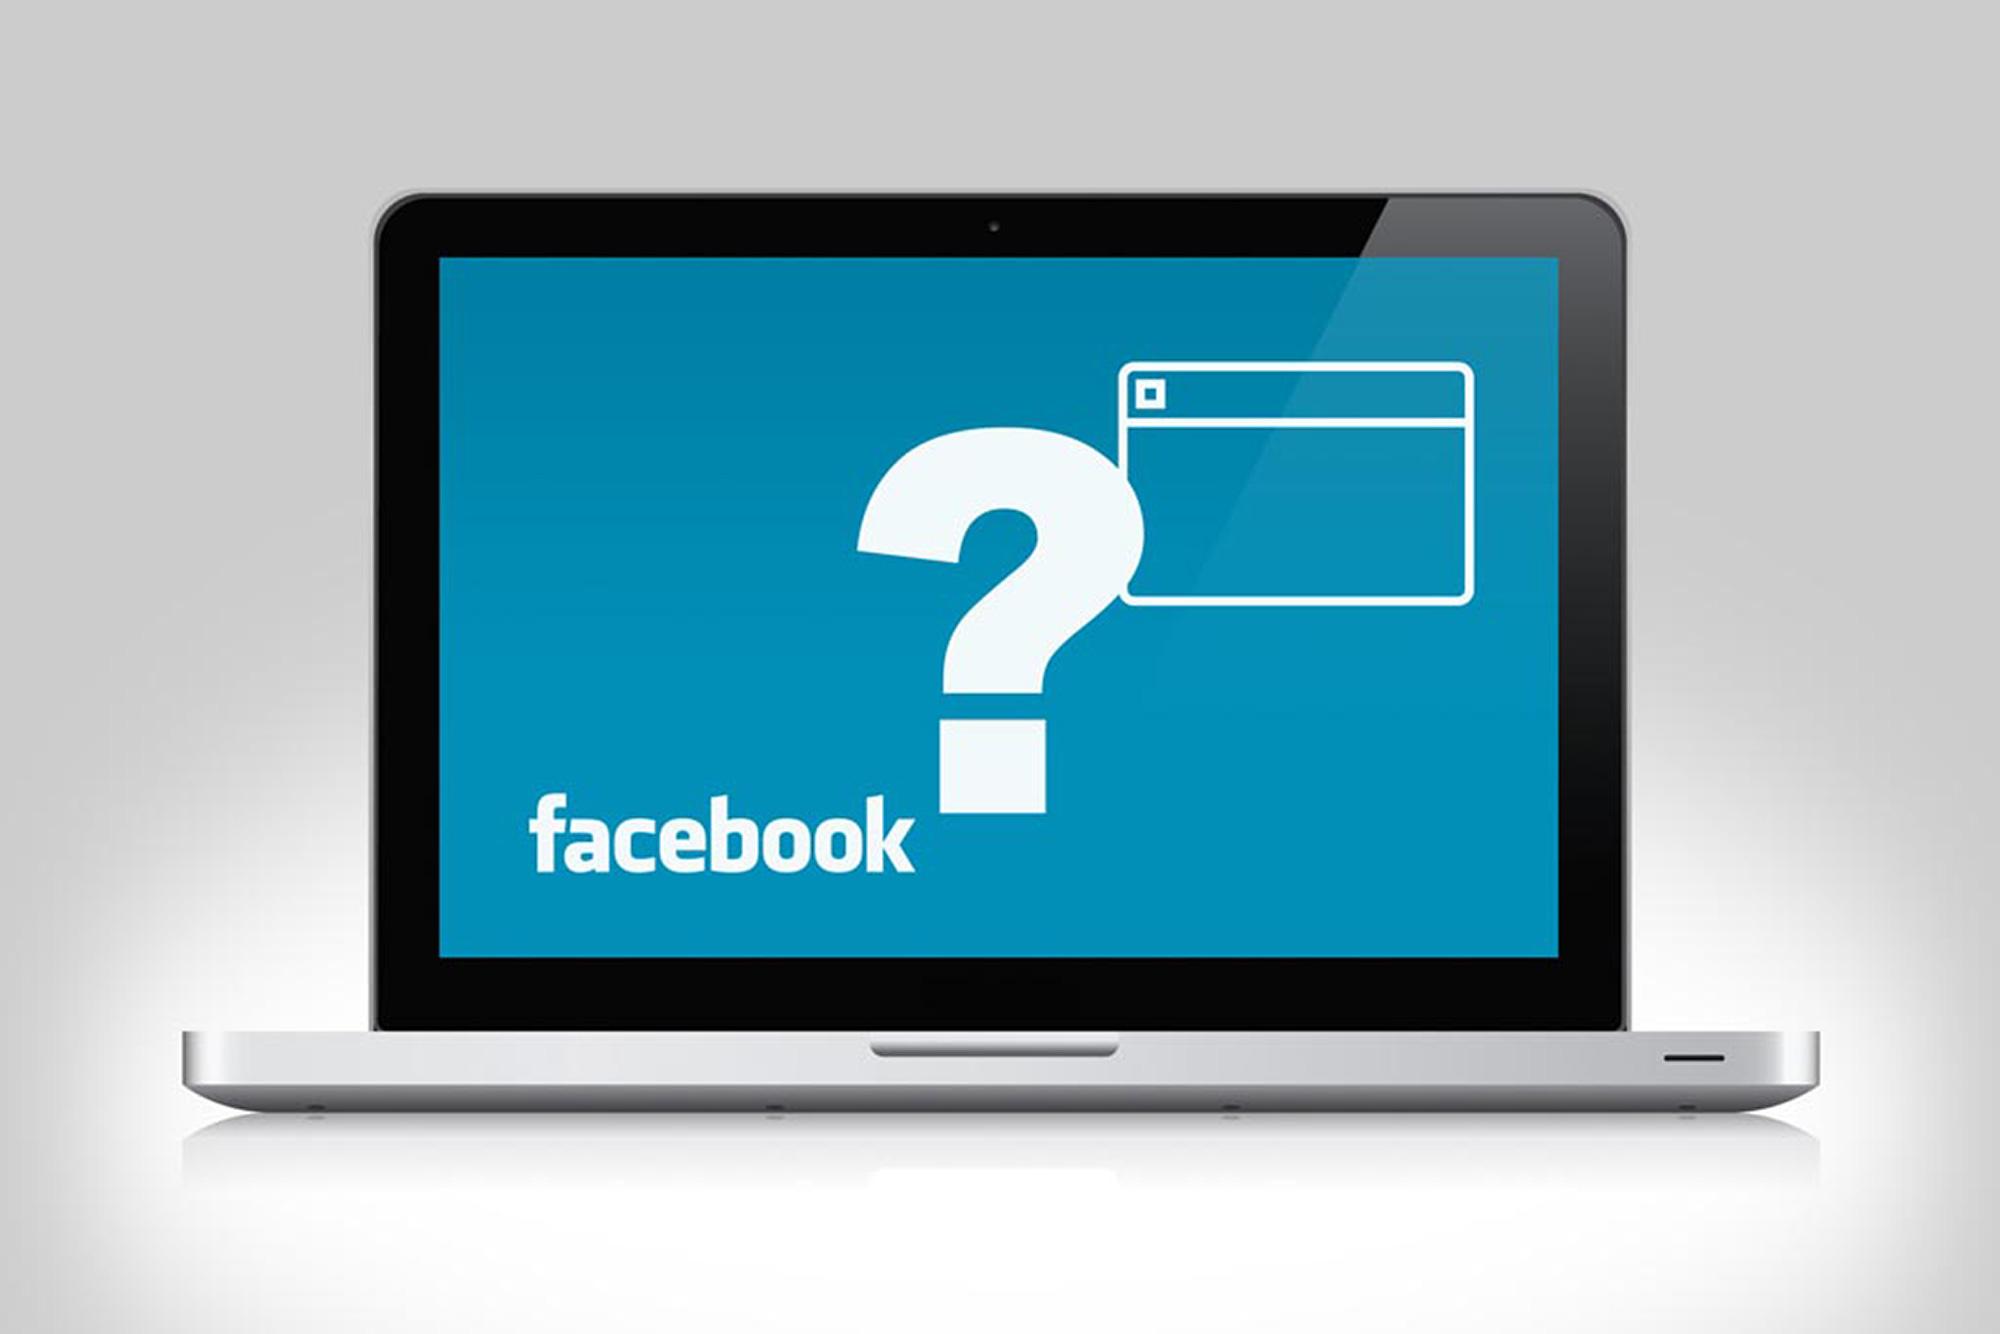 网页设计公司,网站设计,rwd网页设计,网页设计公司推荐,响应式网站设计,品牌顾问,设计推荐,Facebook,脸书,screen,computer,website